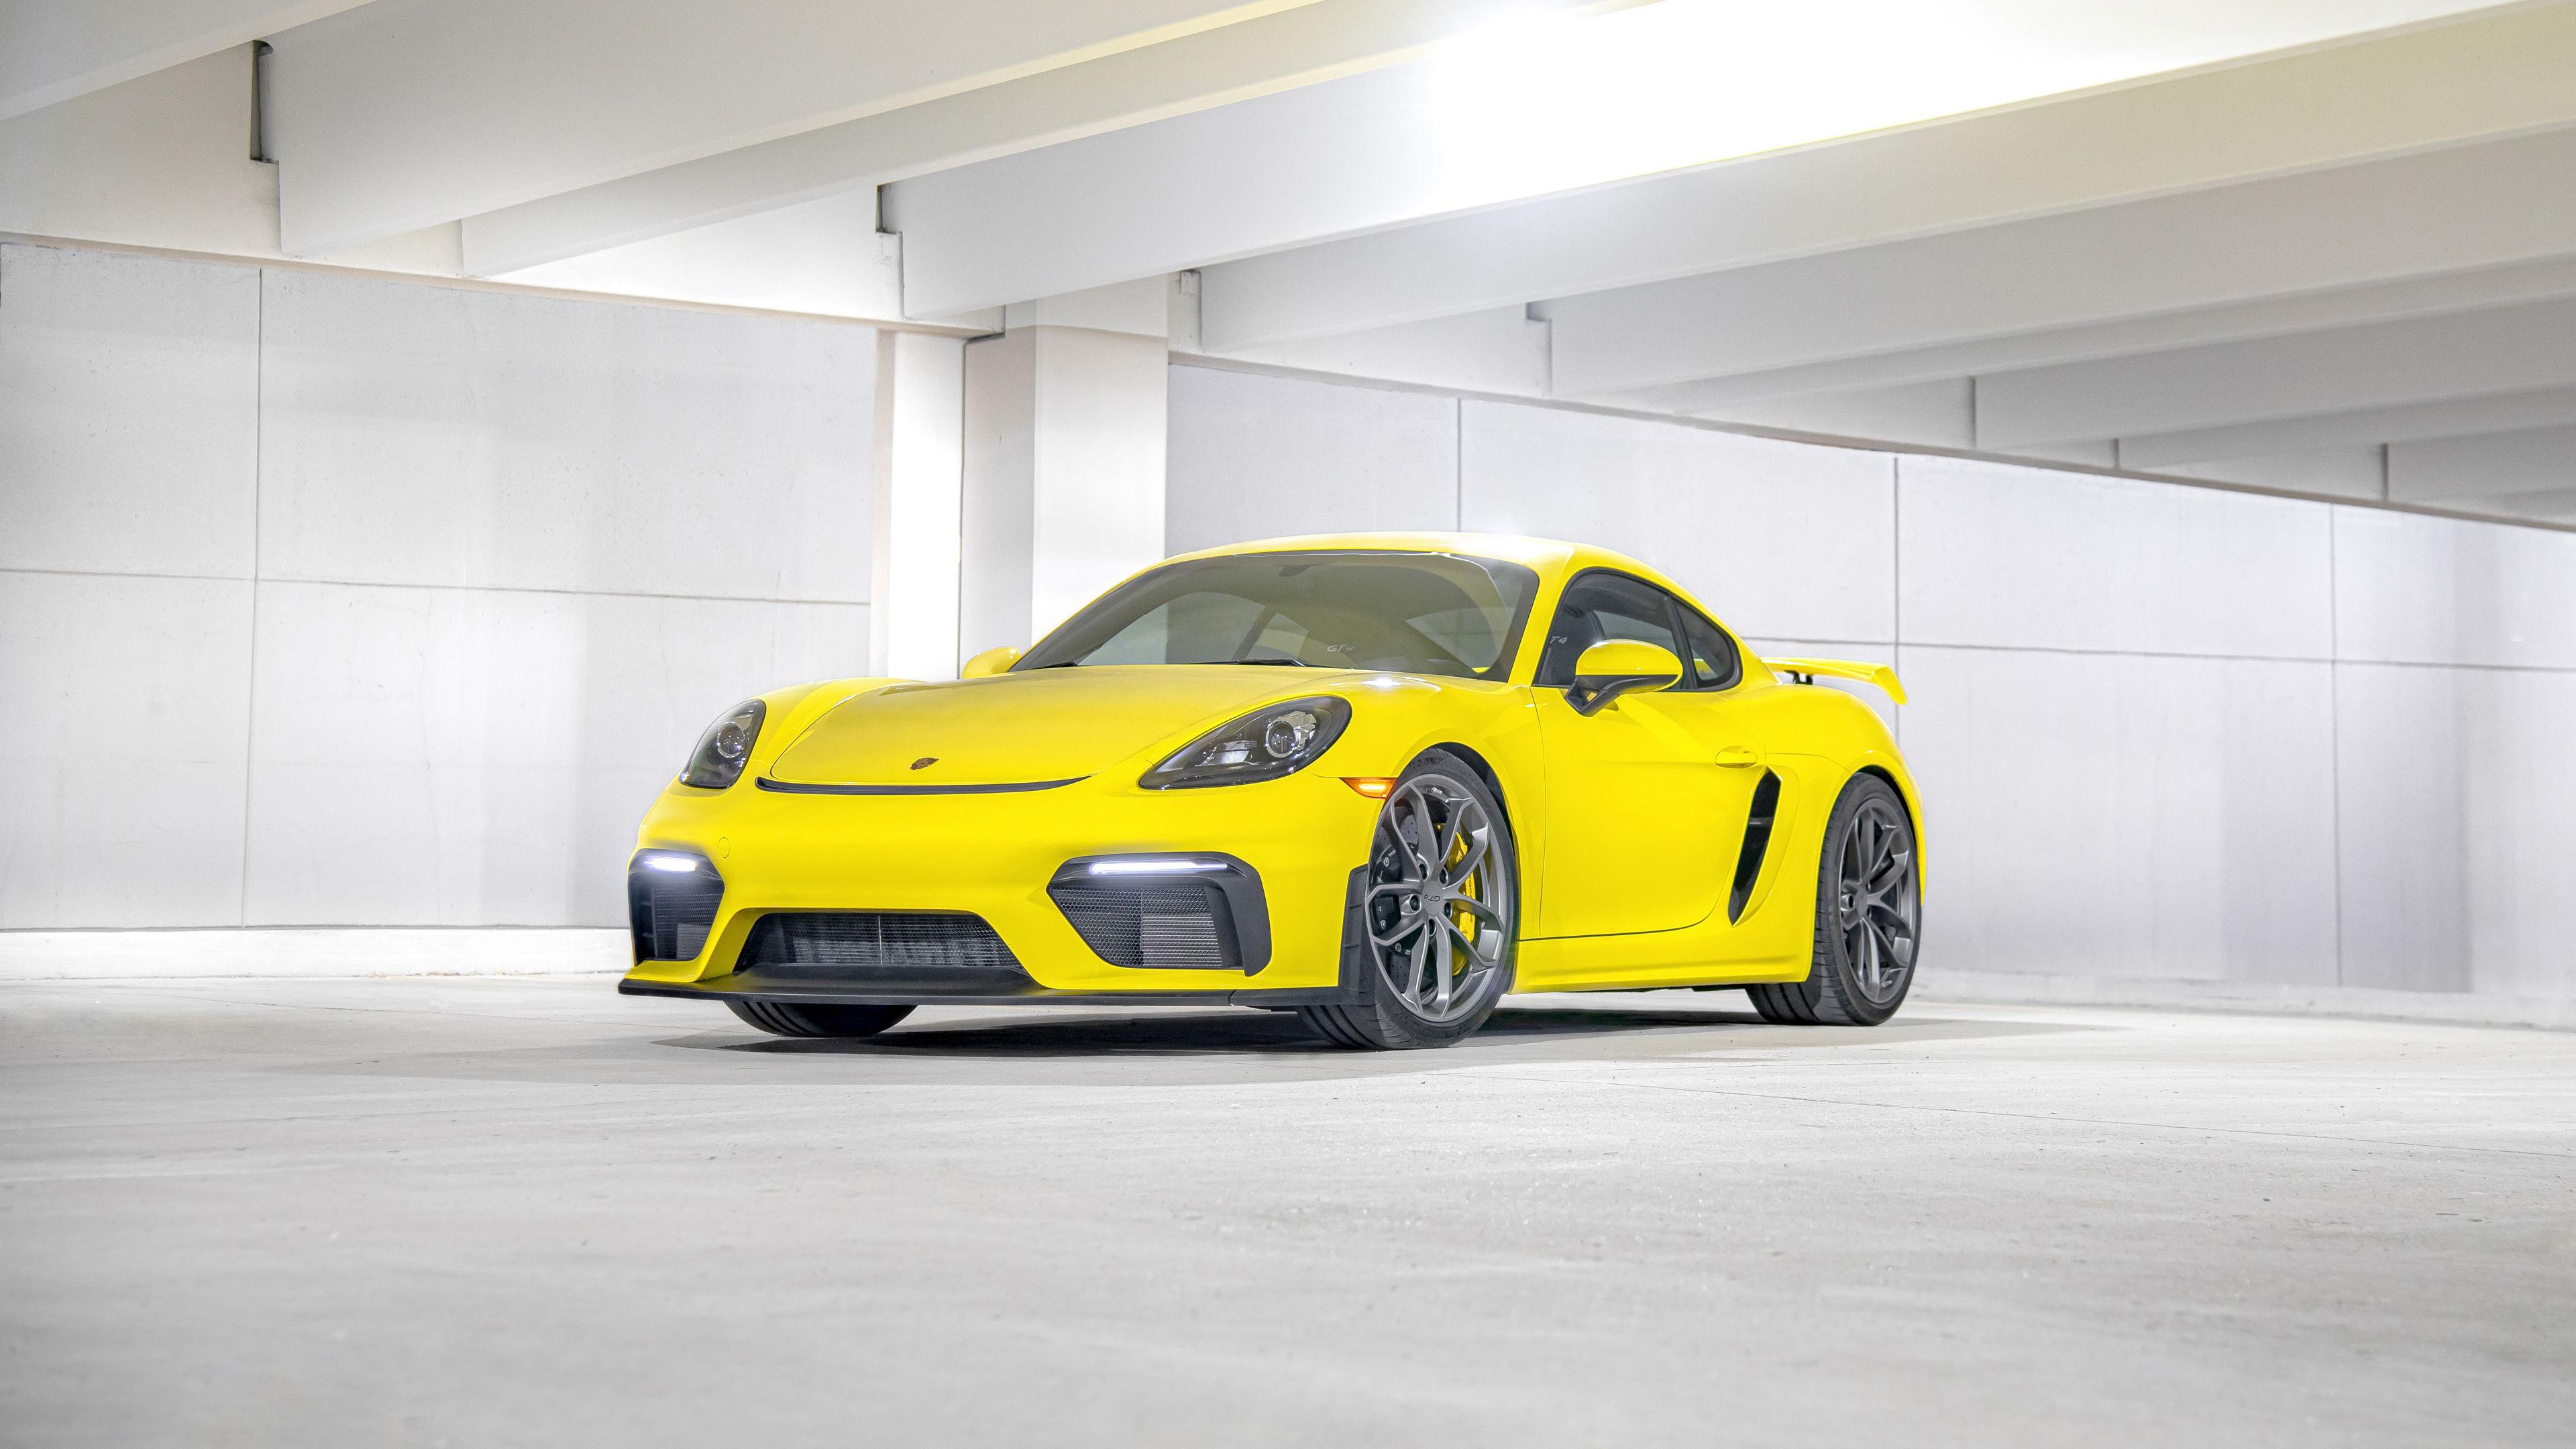 2020 Porsche 718 Cayman Gt4 4k Wallpaper Hd Car Wallpapers Id 14917